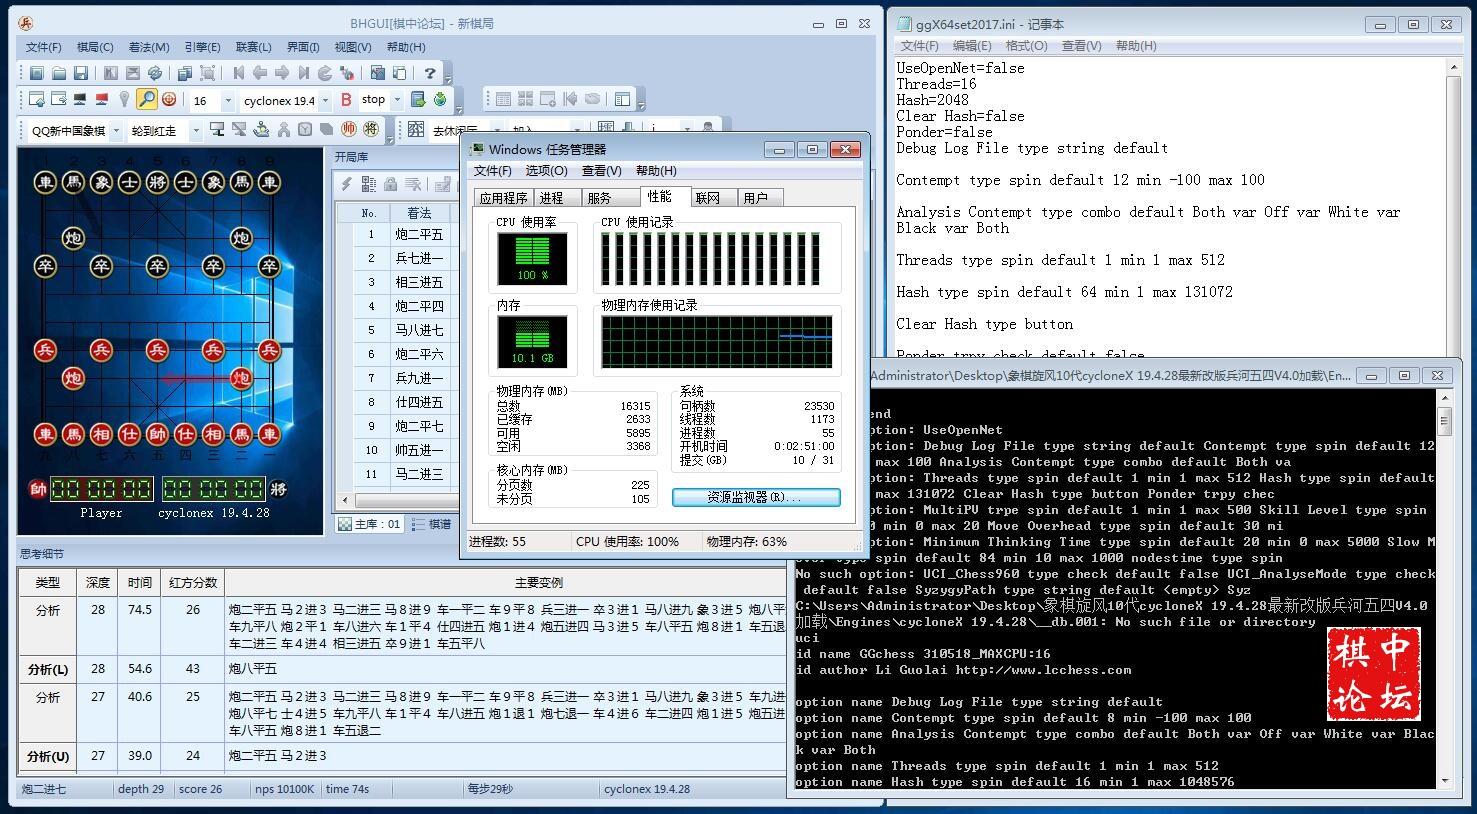 象棋旋风10代cycloneX 19.4.28最新改版佳佳下载